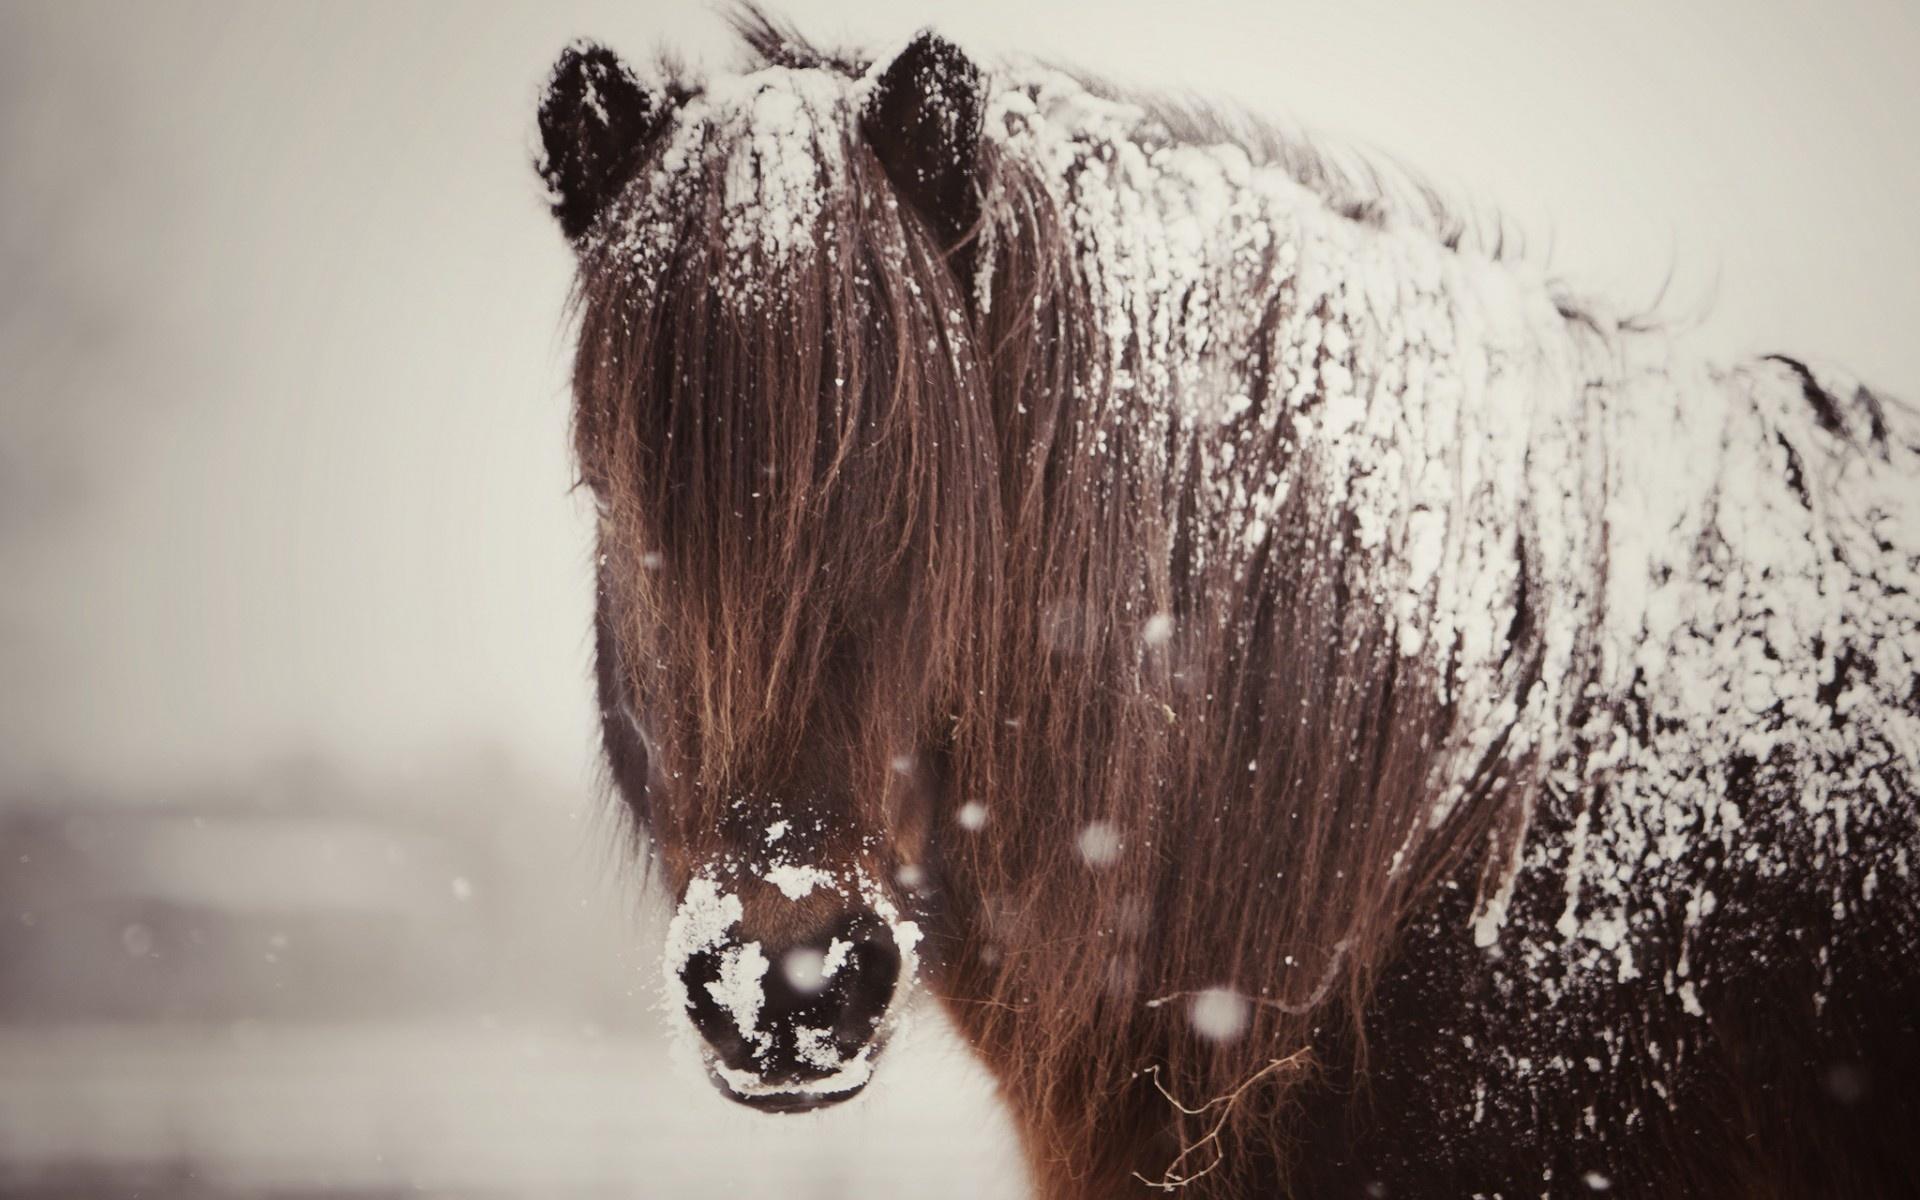 Wallpaper horse snow winter desktop wallpaper Animals GoodWP 1920x1200